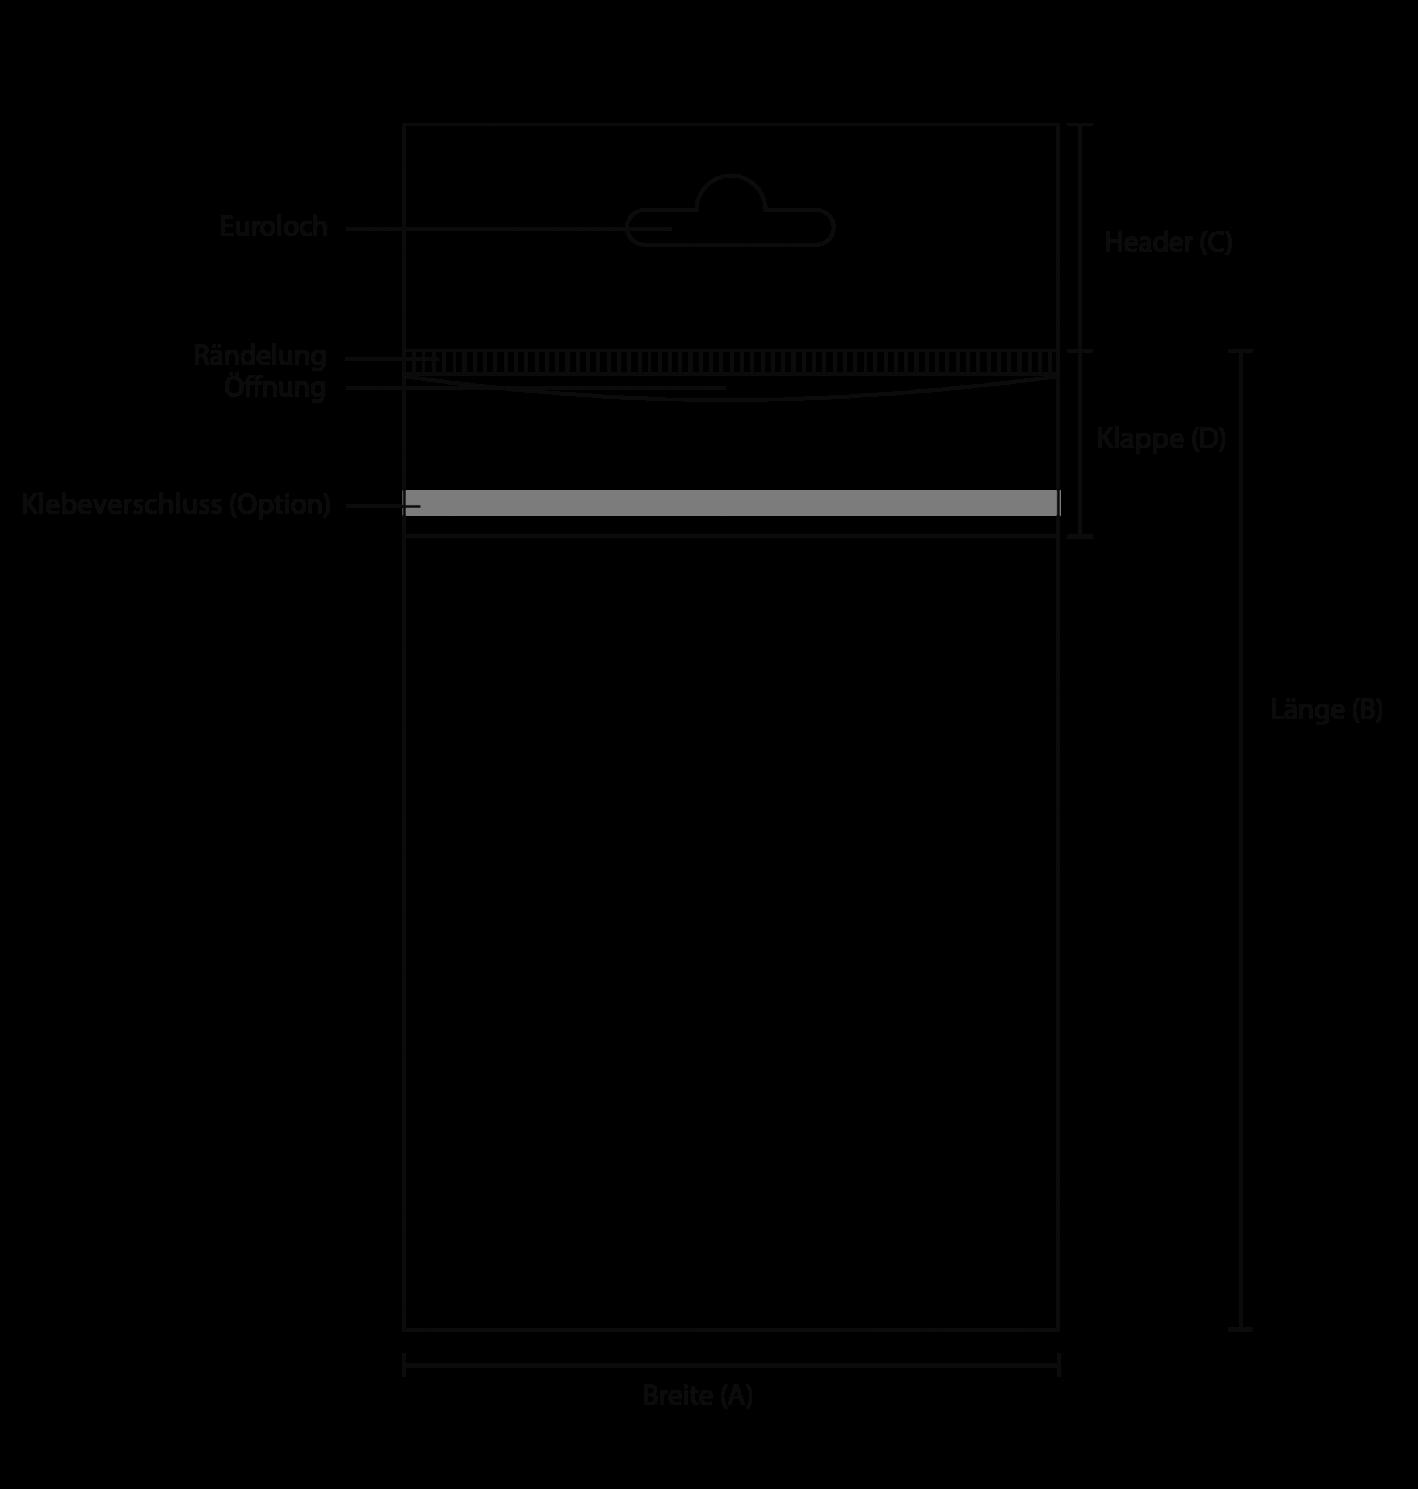 Headerbeutel (Befüllung von oben)